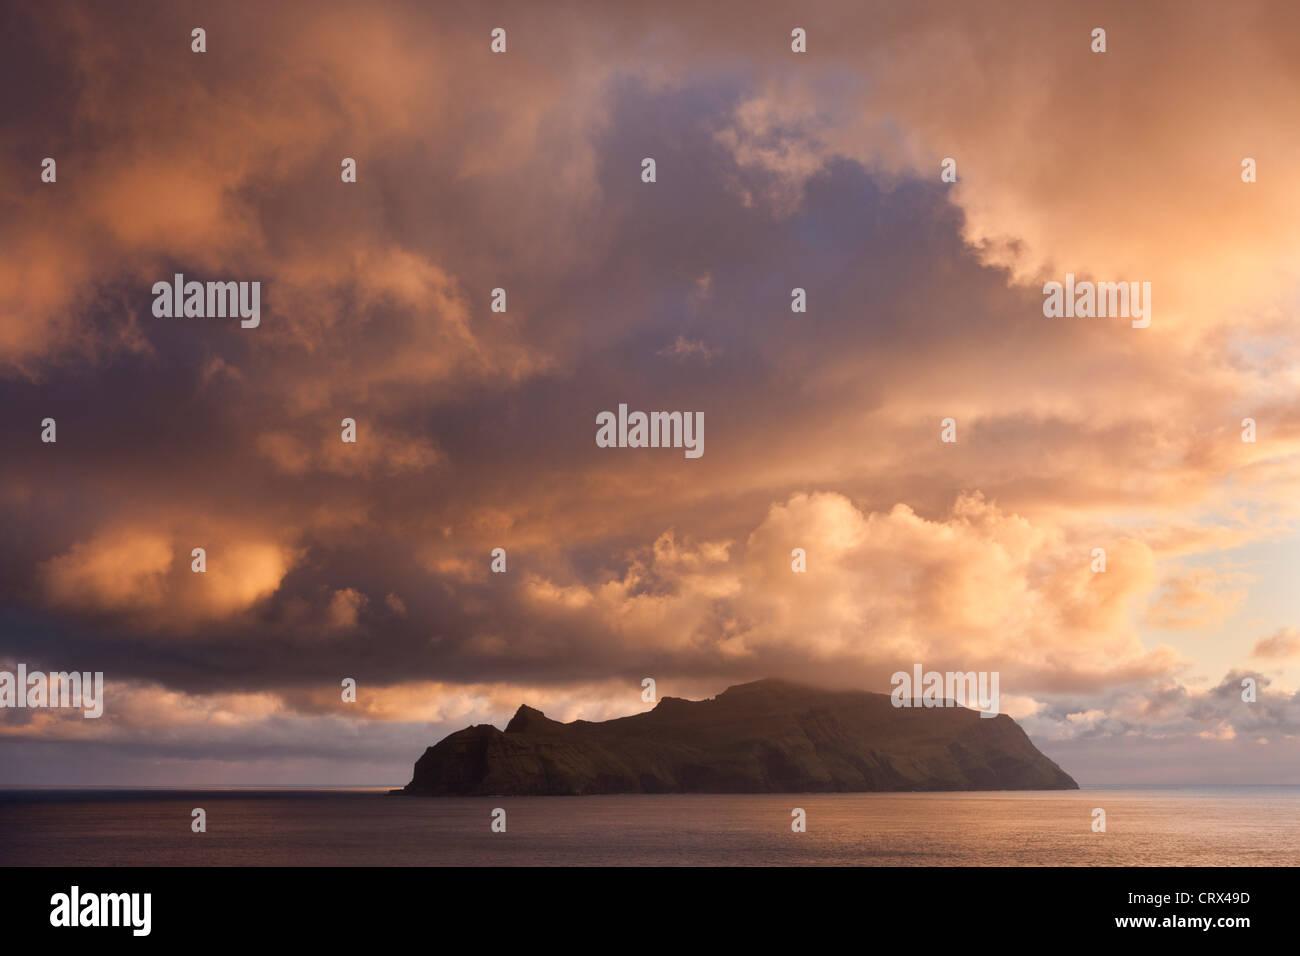 Tramonto spettacolare cieli sopra l'isola di Mykines, Isole Faerøer. Molla (Maggio 2012). Foto Stock